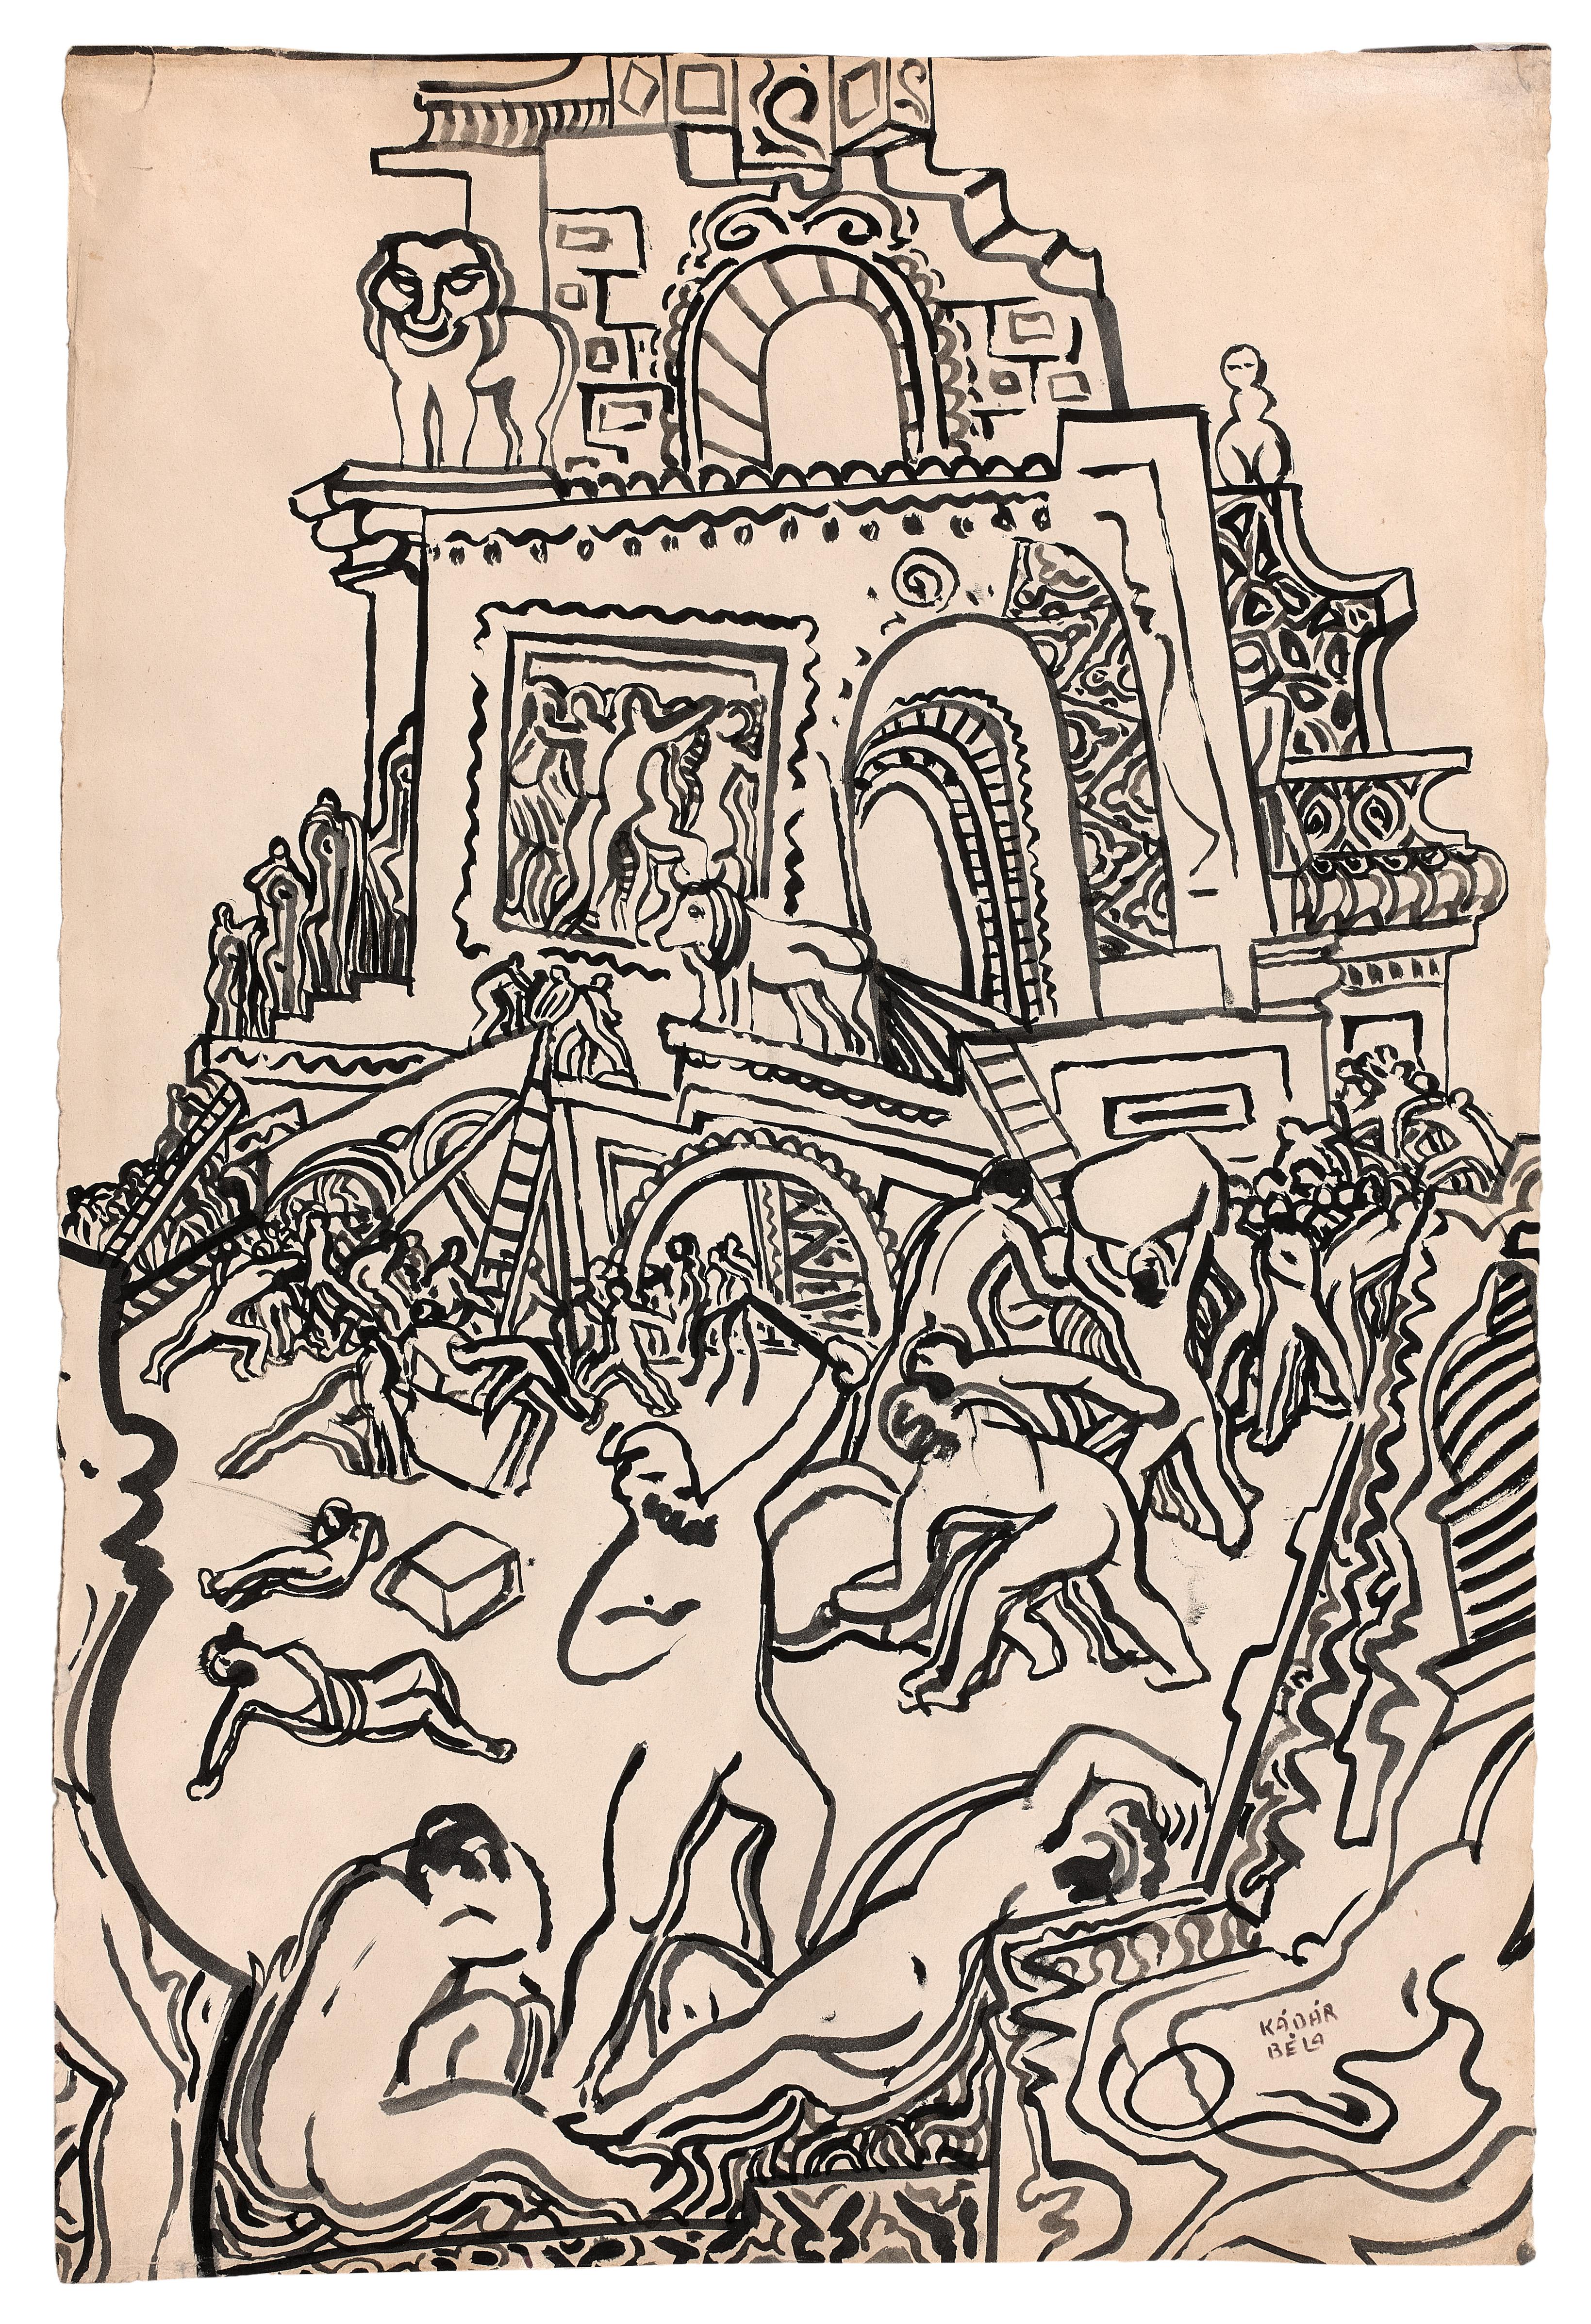 Lot 20 - Béla KADAR (1877-1956) - Composition - Encre signée en bas vers la droite - 64 x 43 [...]